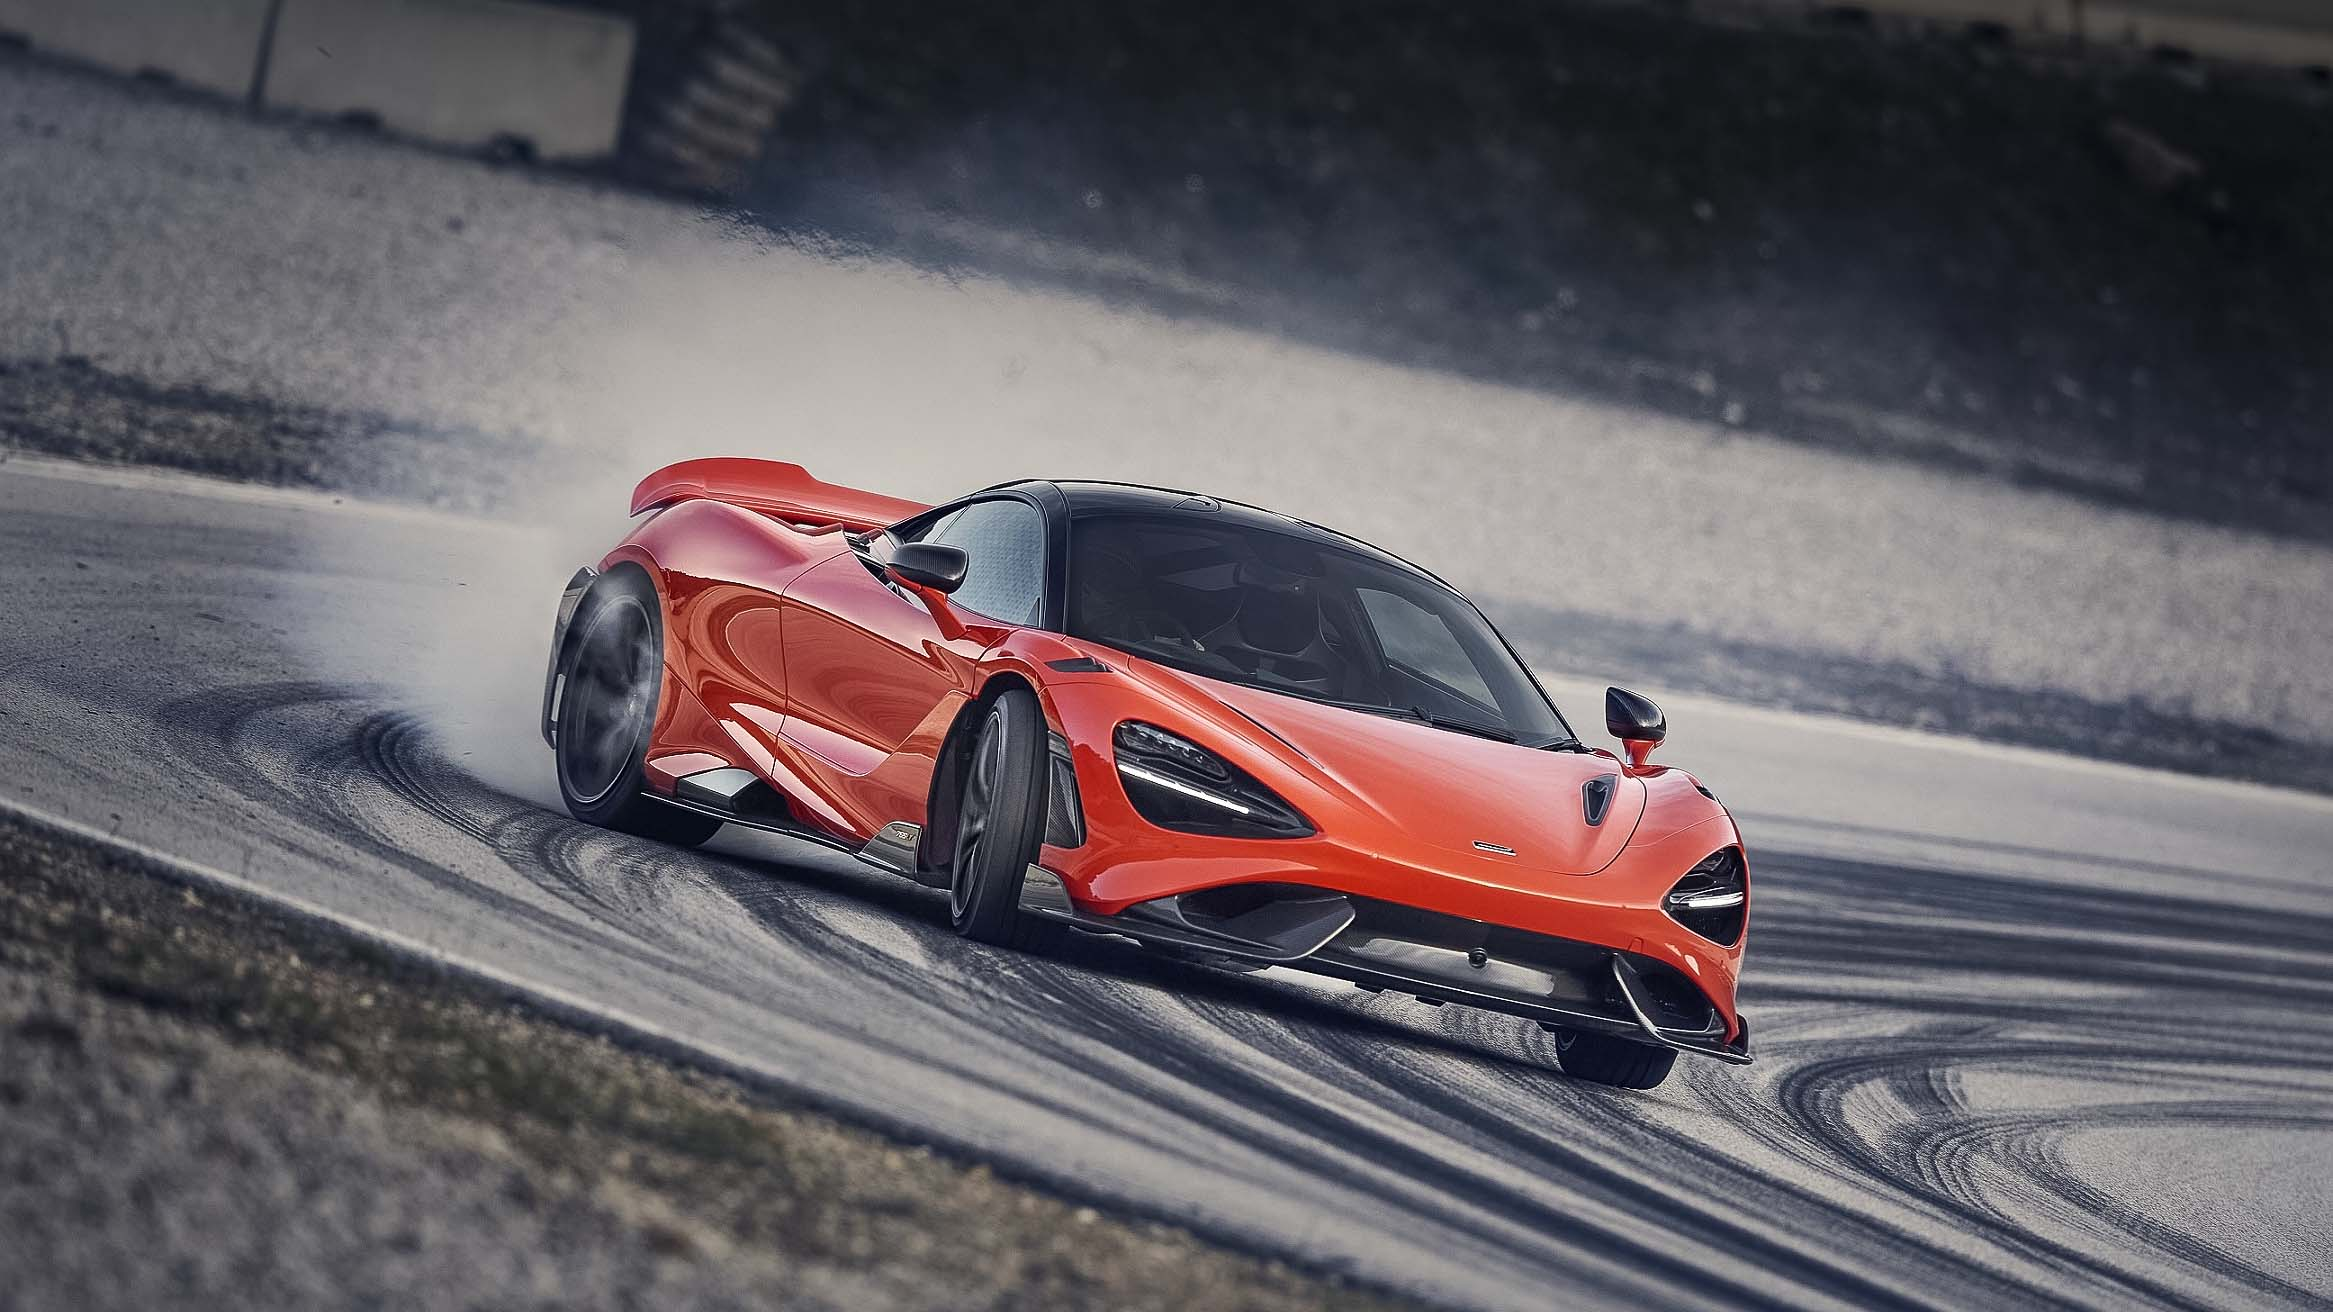 更輕、更快、更強!你猜 McLaren 765LT 全球限量幾台?